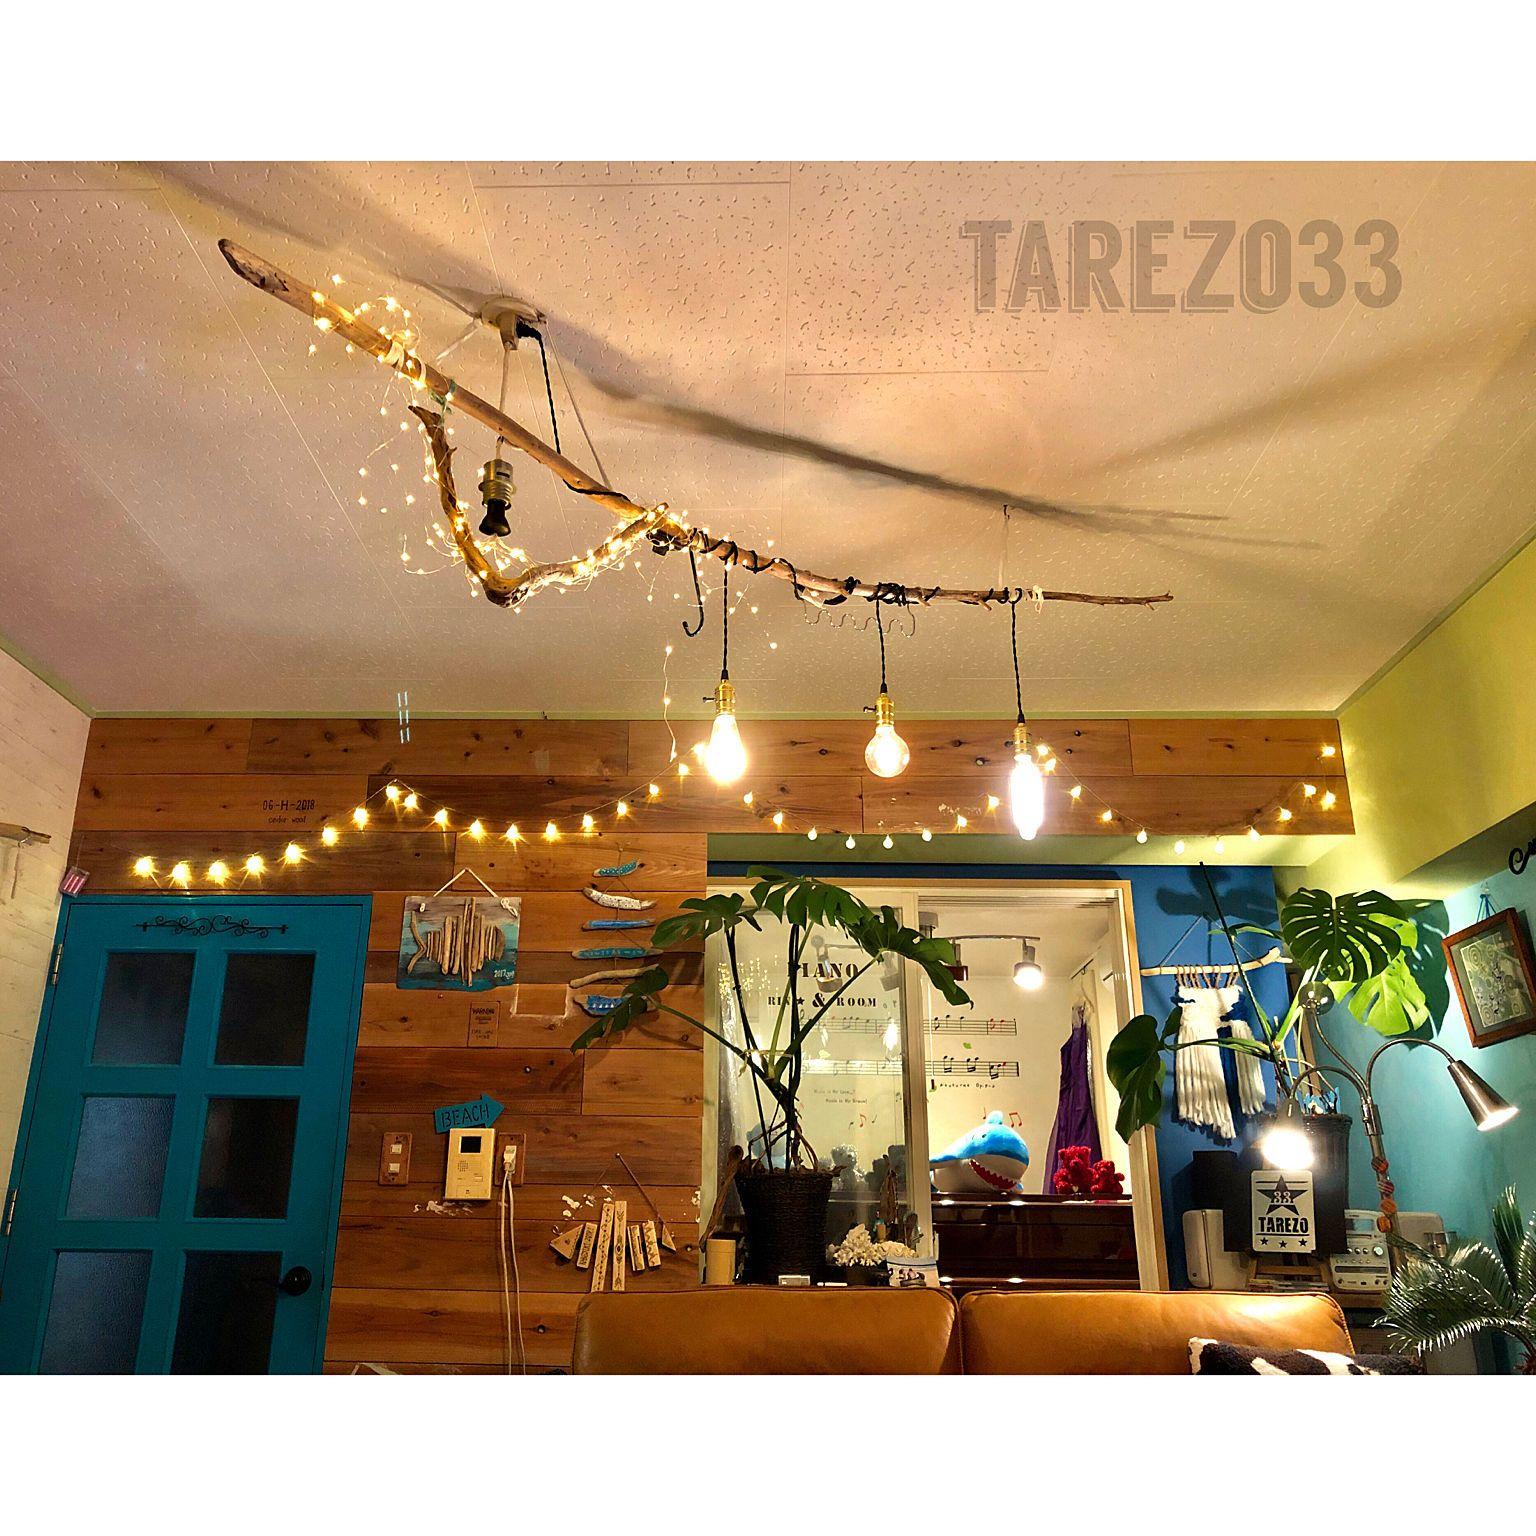 壁 天井 ピアノ グリーンのある暮らし 防音室 間接照明 などの